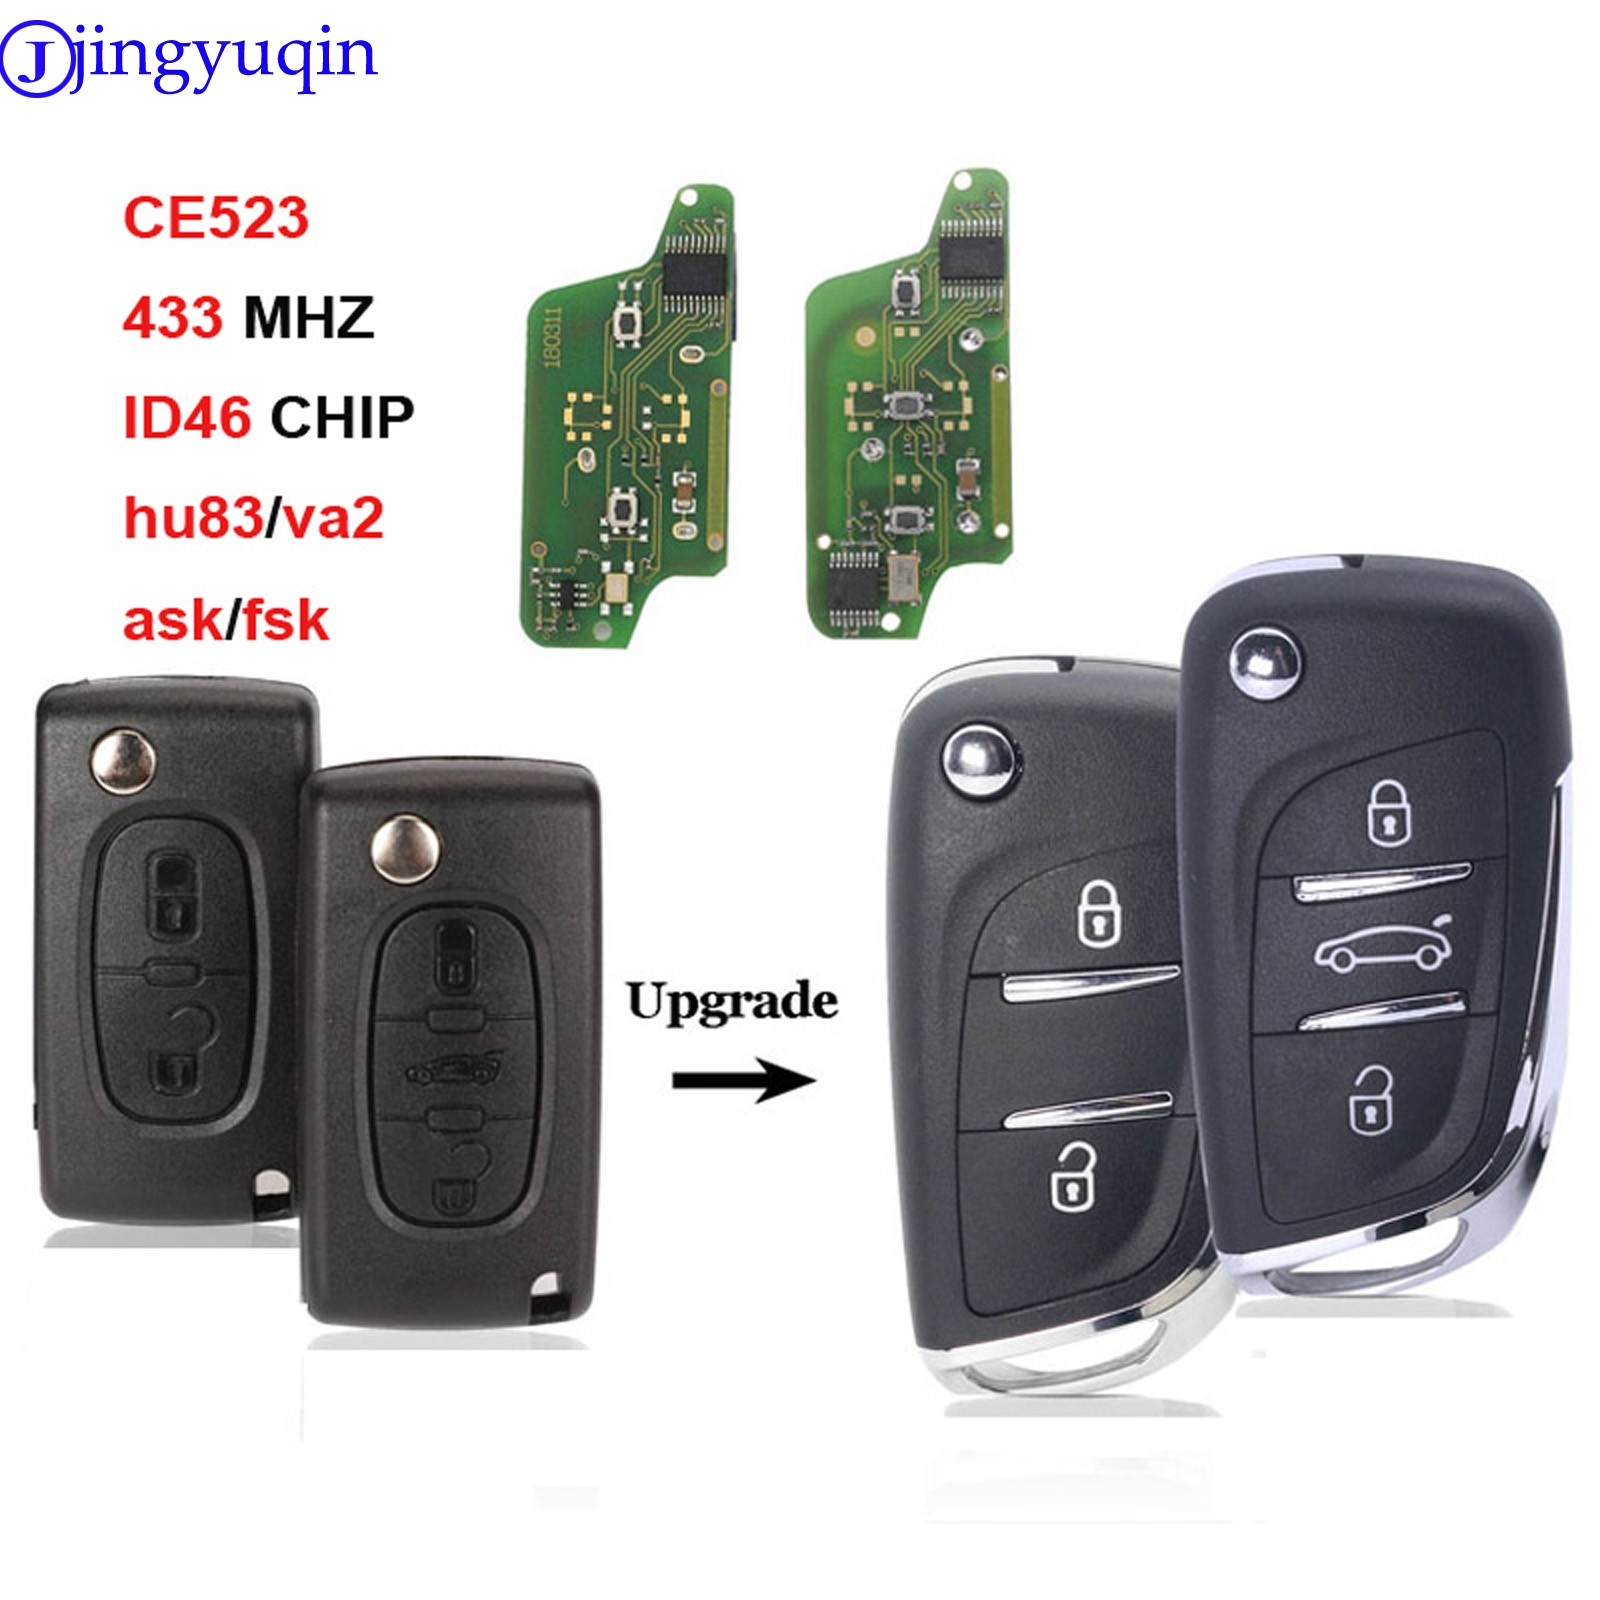 Jingyuqin ASK/FSK 433 МГц ID46 чип CE0523 модифицированный дистанционный брелок с откидной крышкой для Peugeot 307 407 607 HU83/VA2 Blade 2 3 кнопочный ключ